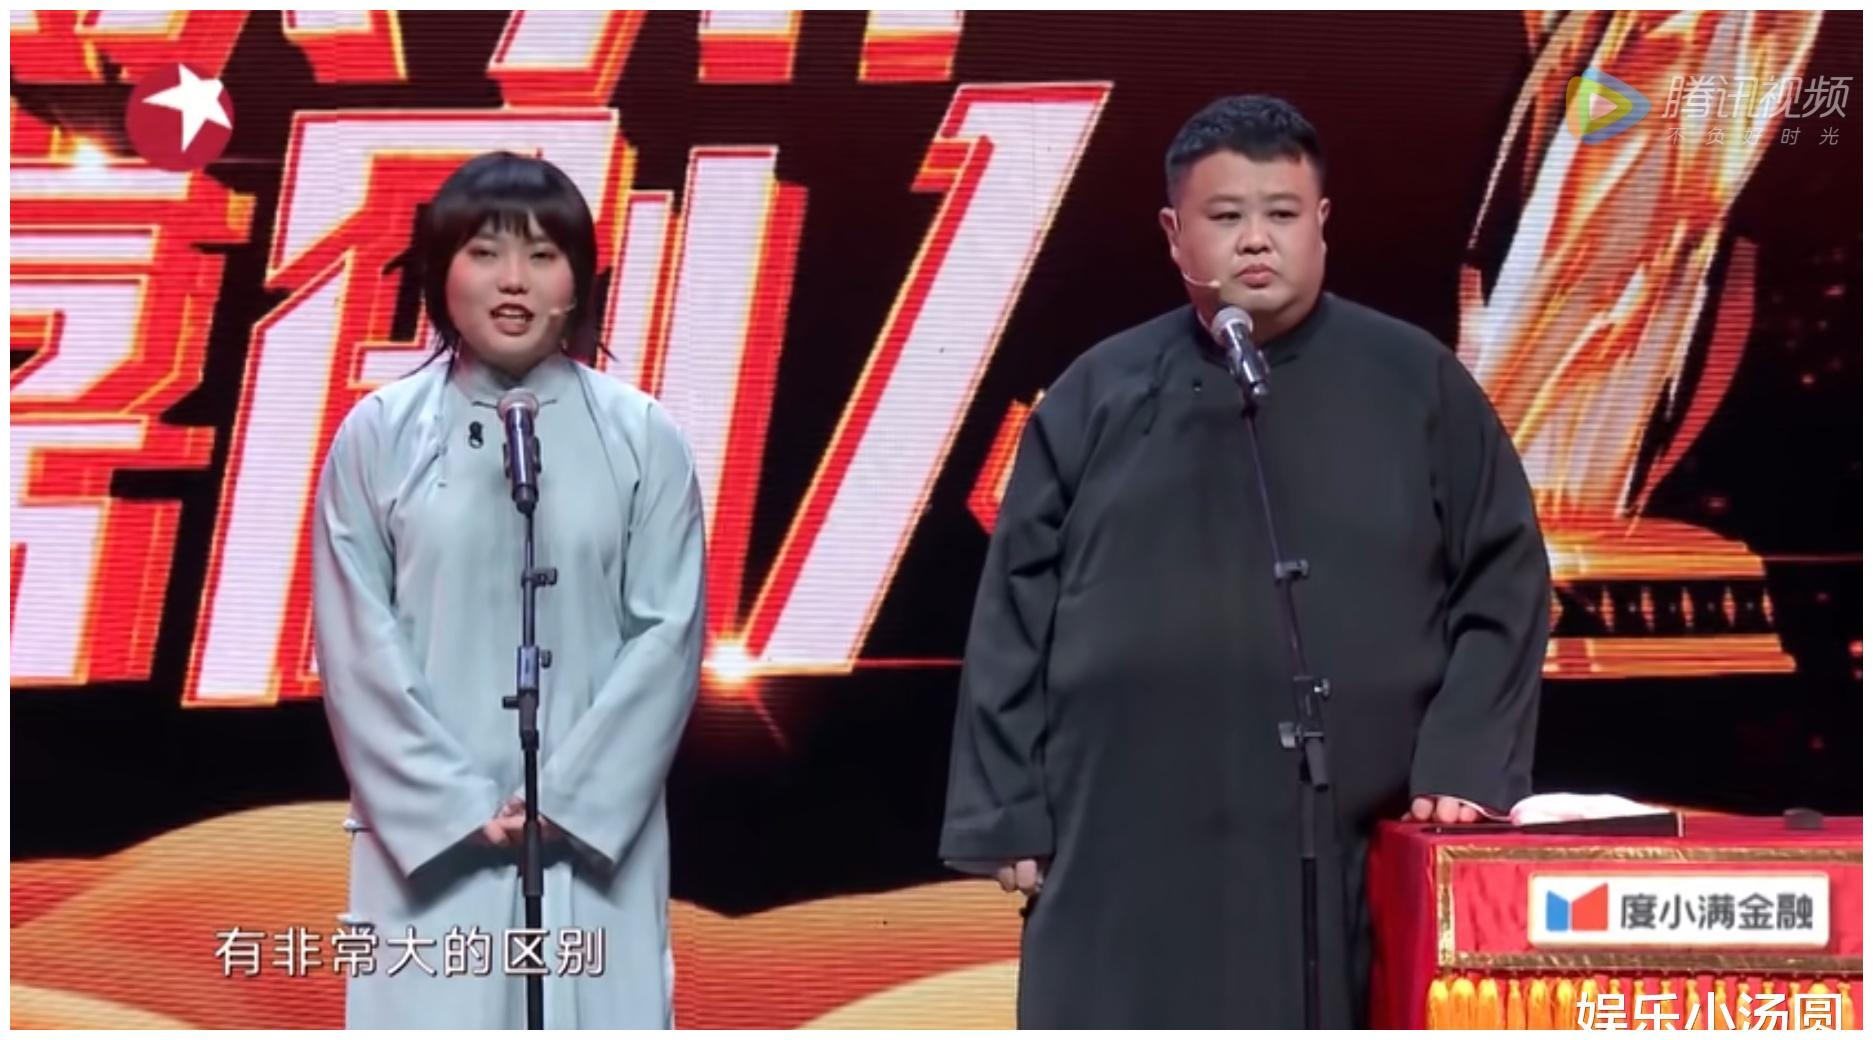 把喜剧人变成相声人就算了,如今连李雪琴的脱口秀都说成是相声?